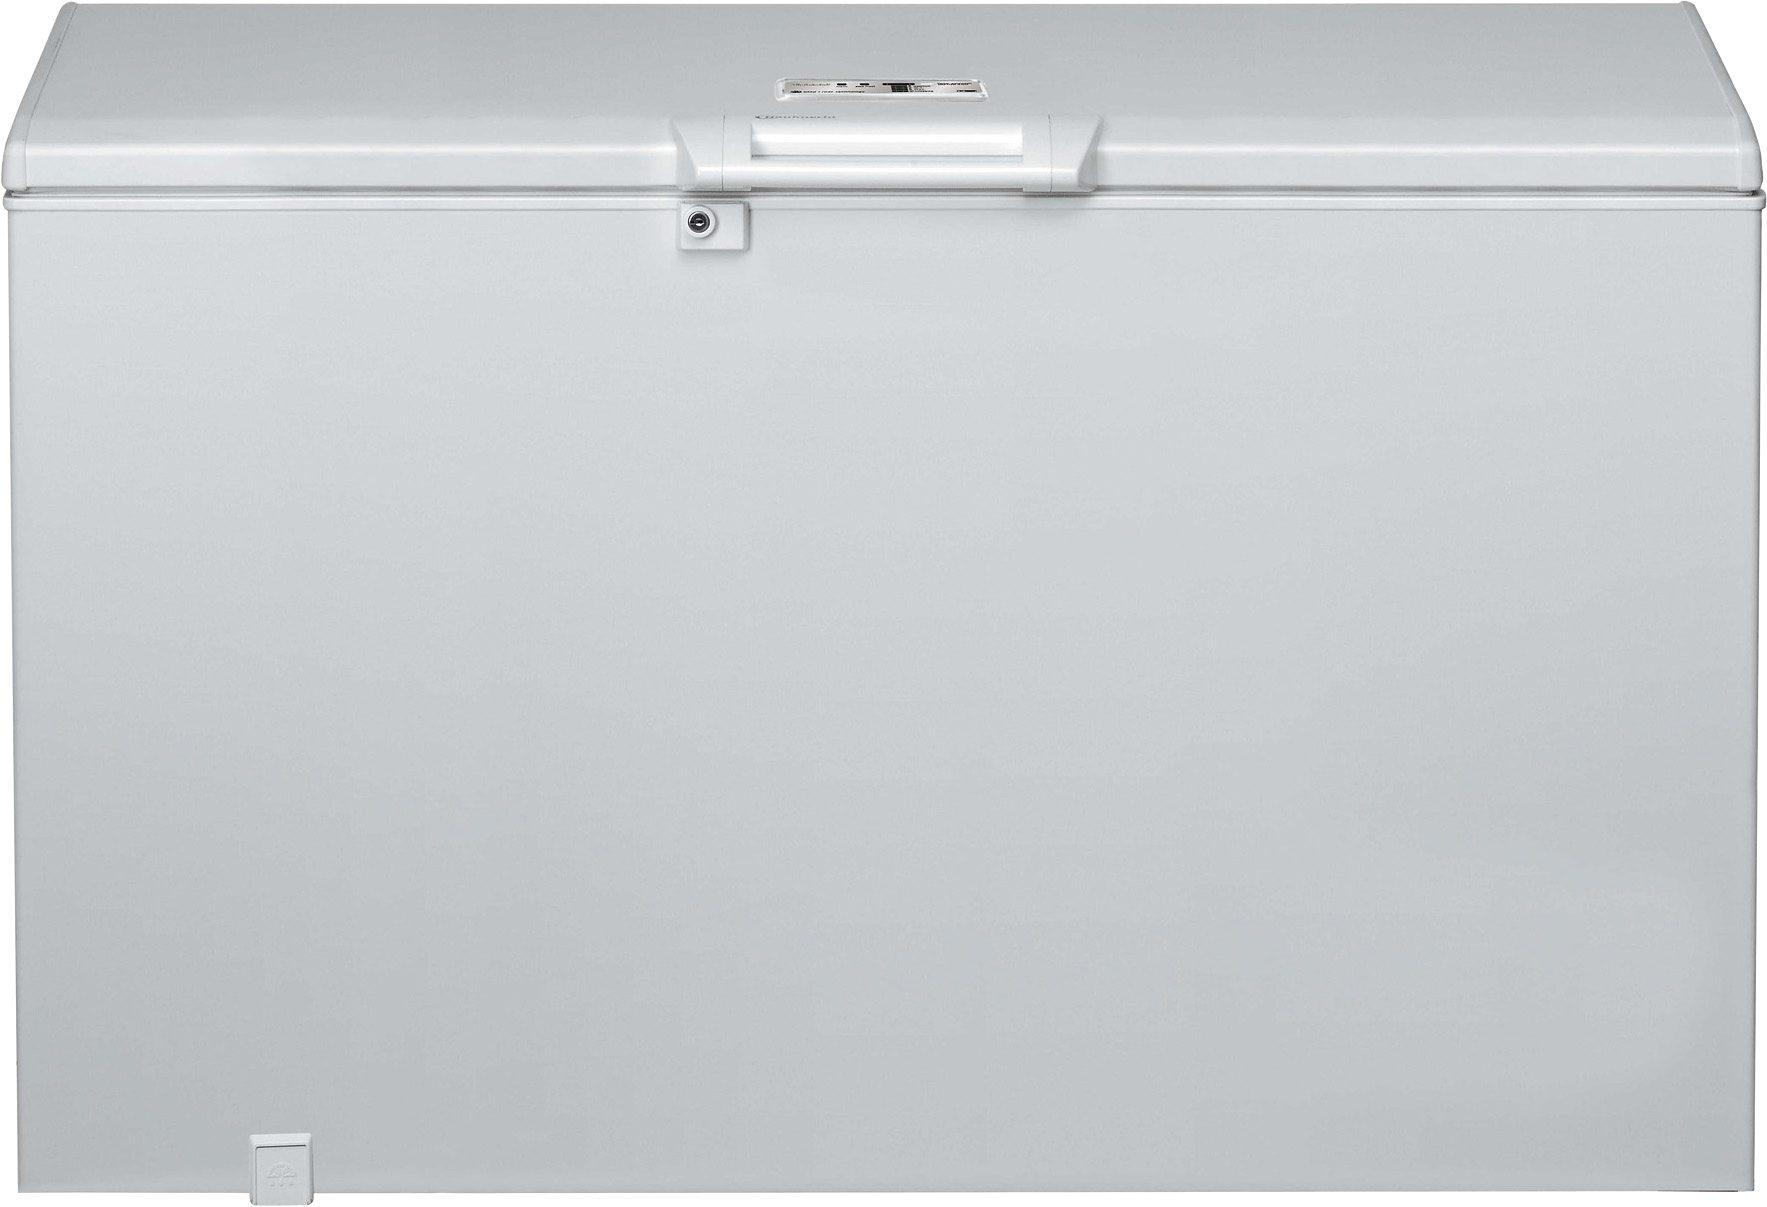 Bauknecht Gefriertruhe GTE 335 StopF A++, 118 cm breit